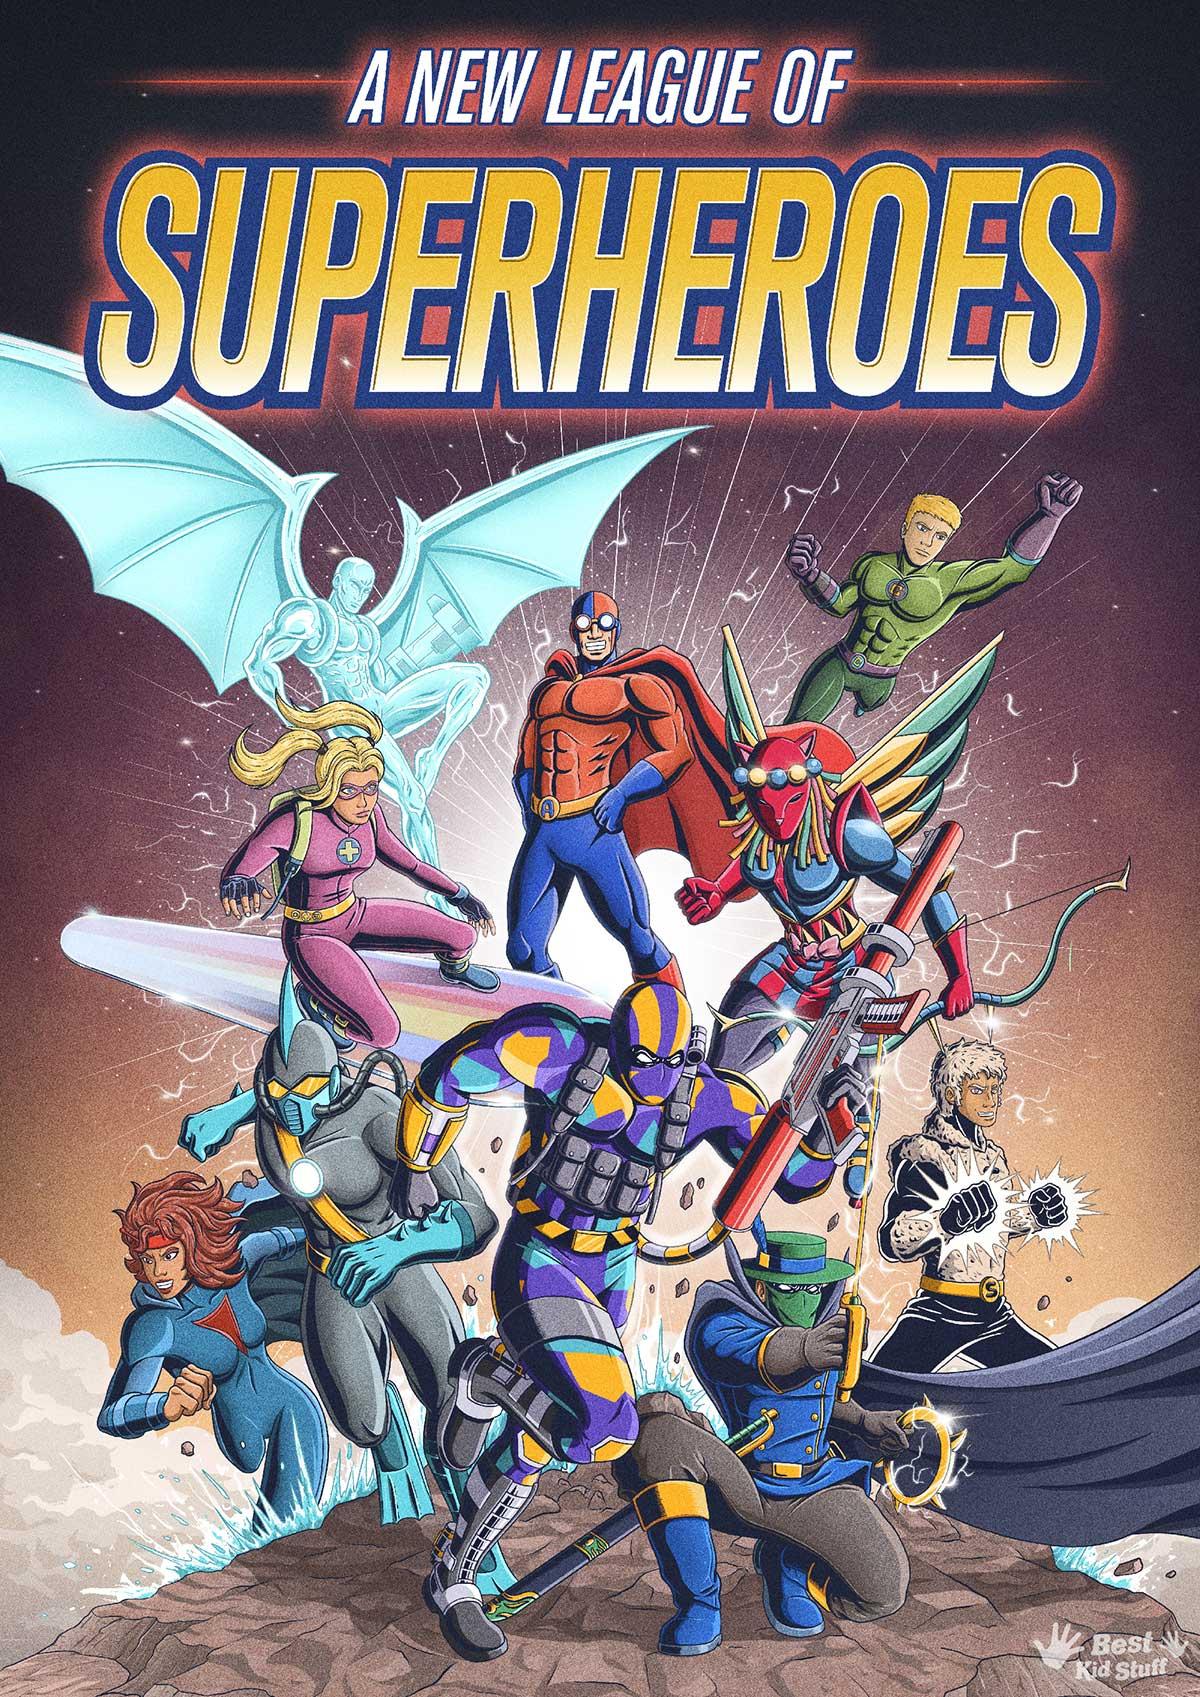 Künstler illustrieren Comic-Cover aus Kinderzeichungen von Superhelden Kinder-malen-Superhelden-profis-illustrieren-comic-cover_10